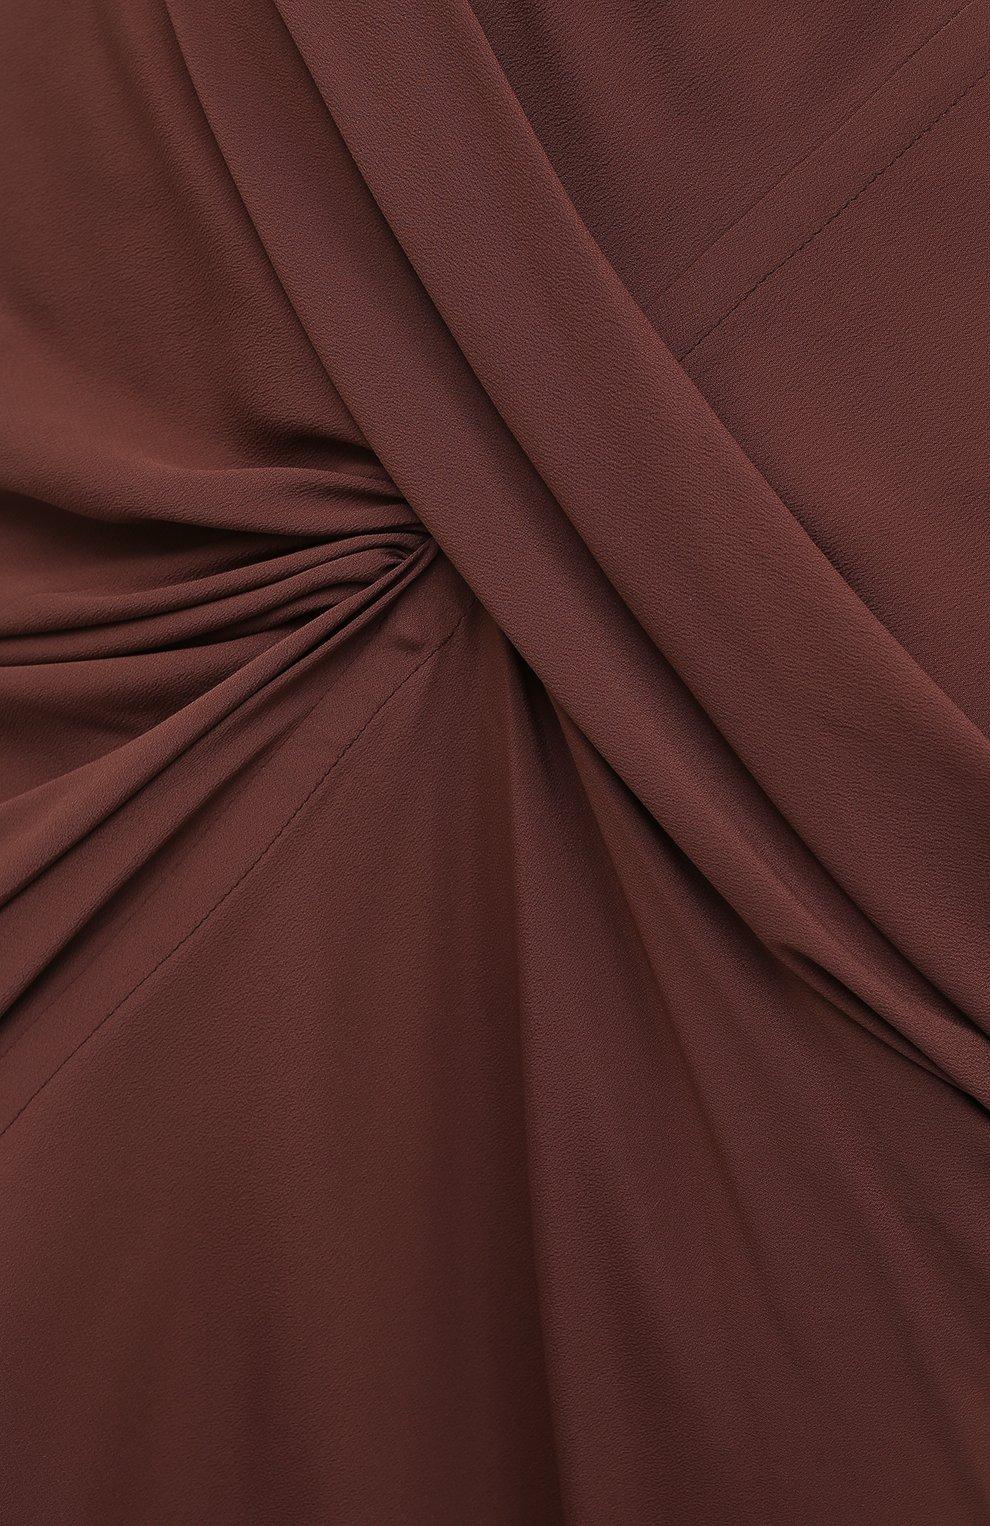 Женская юбка RICK OWENS коричневого цвета, арт. RP21S3336/CC | Фото 5